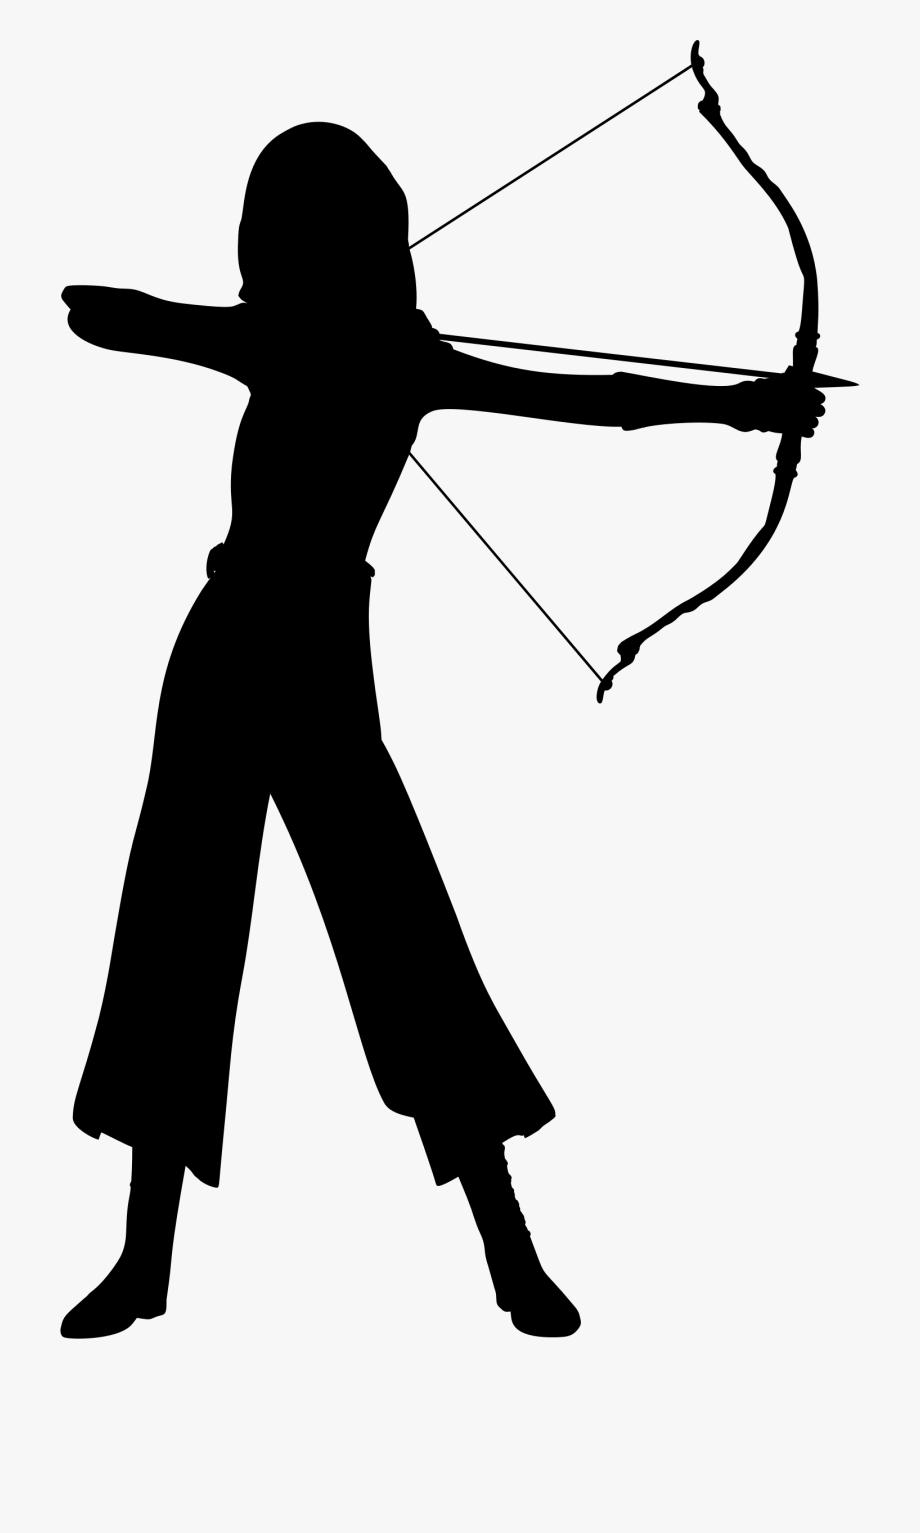 Archer silhouette clipart banner transparent Clipart - Female Archer Silhouette, Cliparts & Cartoons - Jing.fm banner transparent